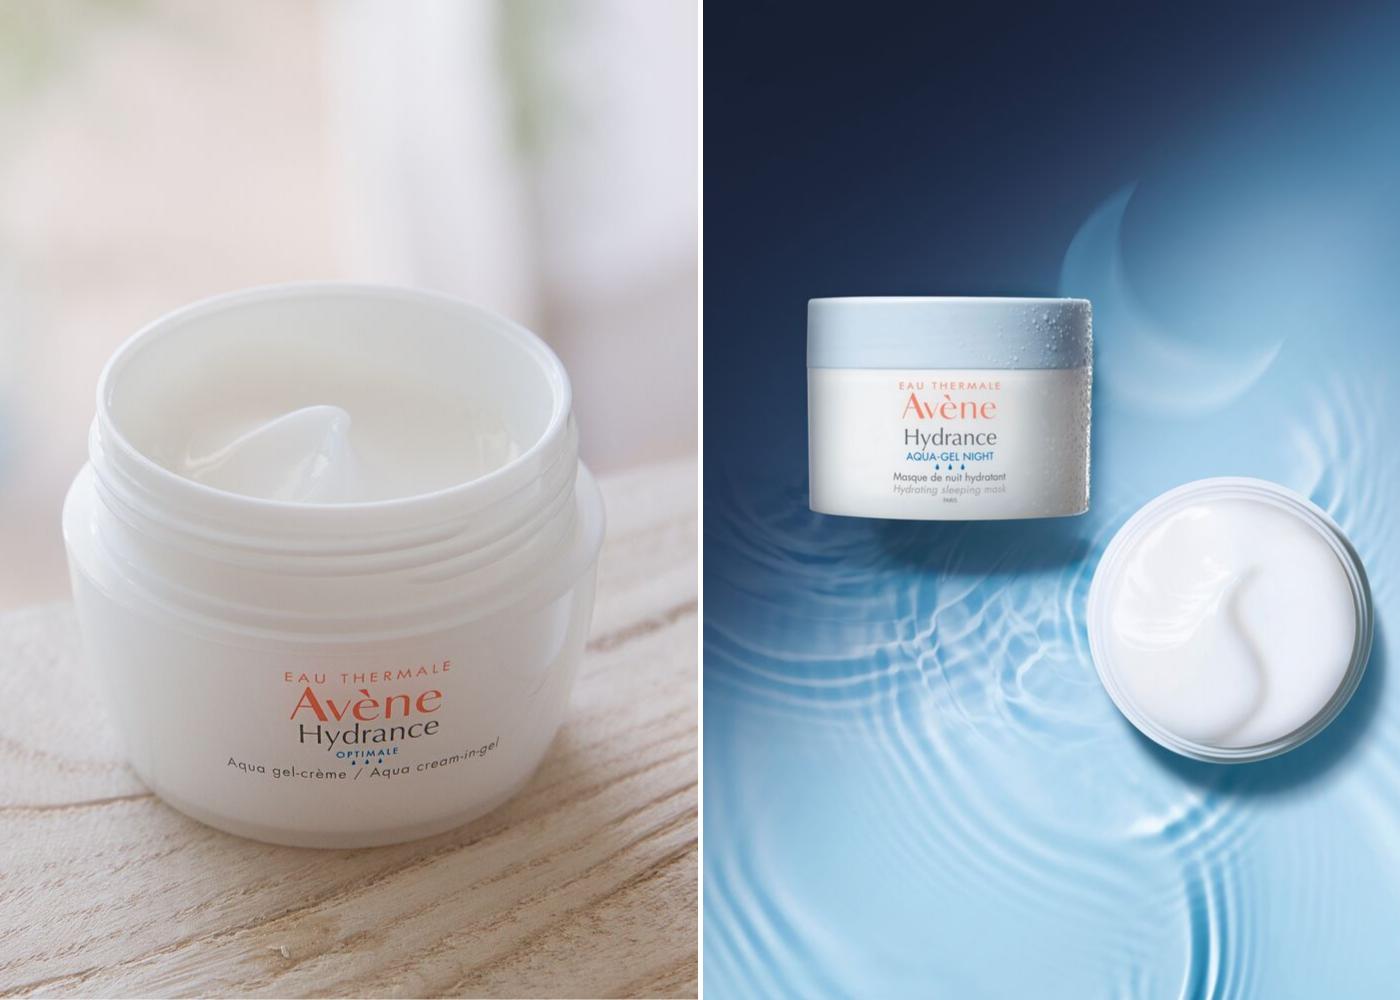 Left: Hydrance Aqua Cream in Gel, right: Hydrance Aqua-Gel Night Hydrating Sleeping Mask. Photography: Avene